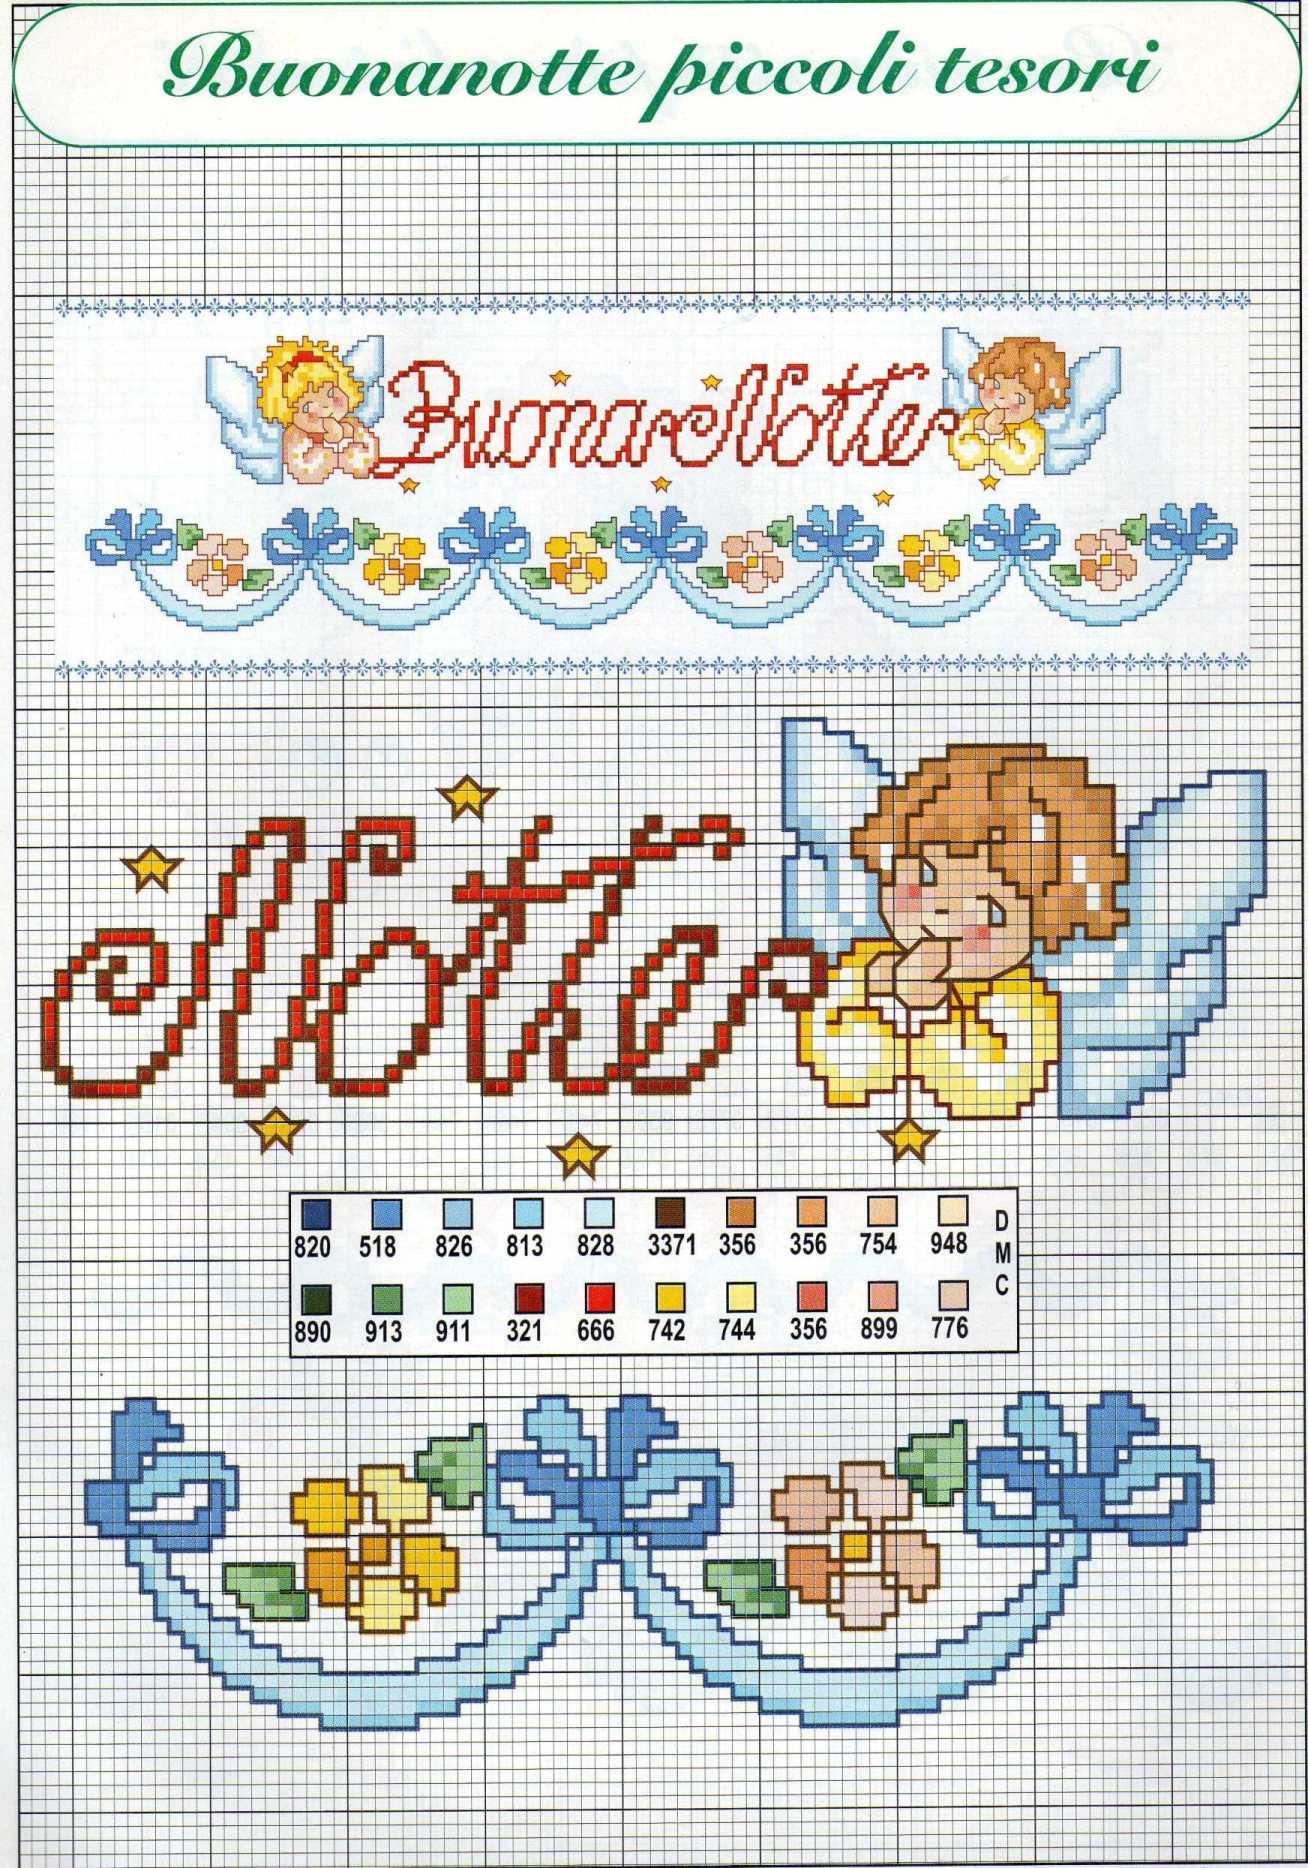 Bambini scritta buonanotte angioletti 1 for Angioletti punto croce per bambini